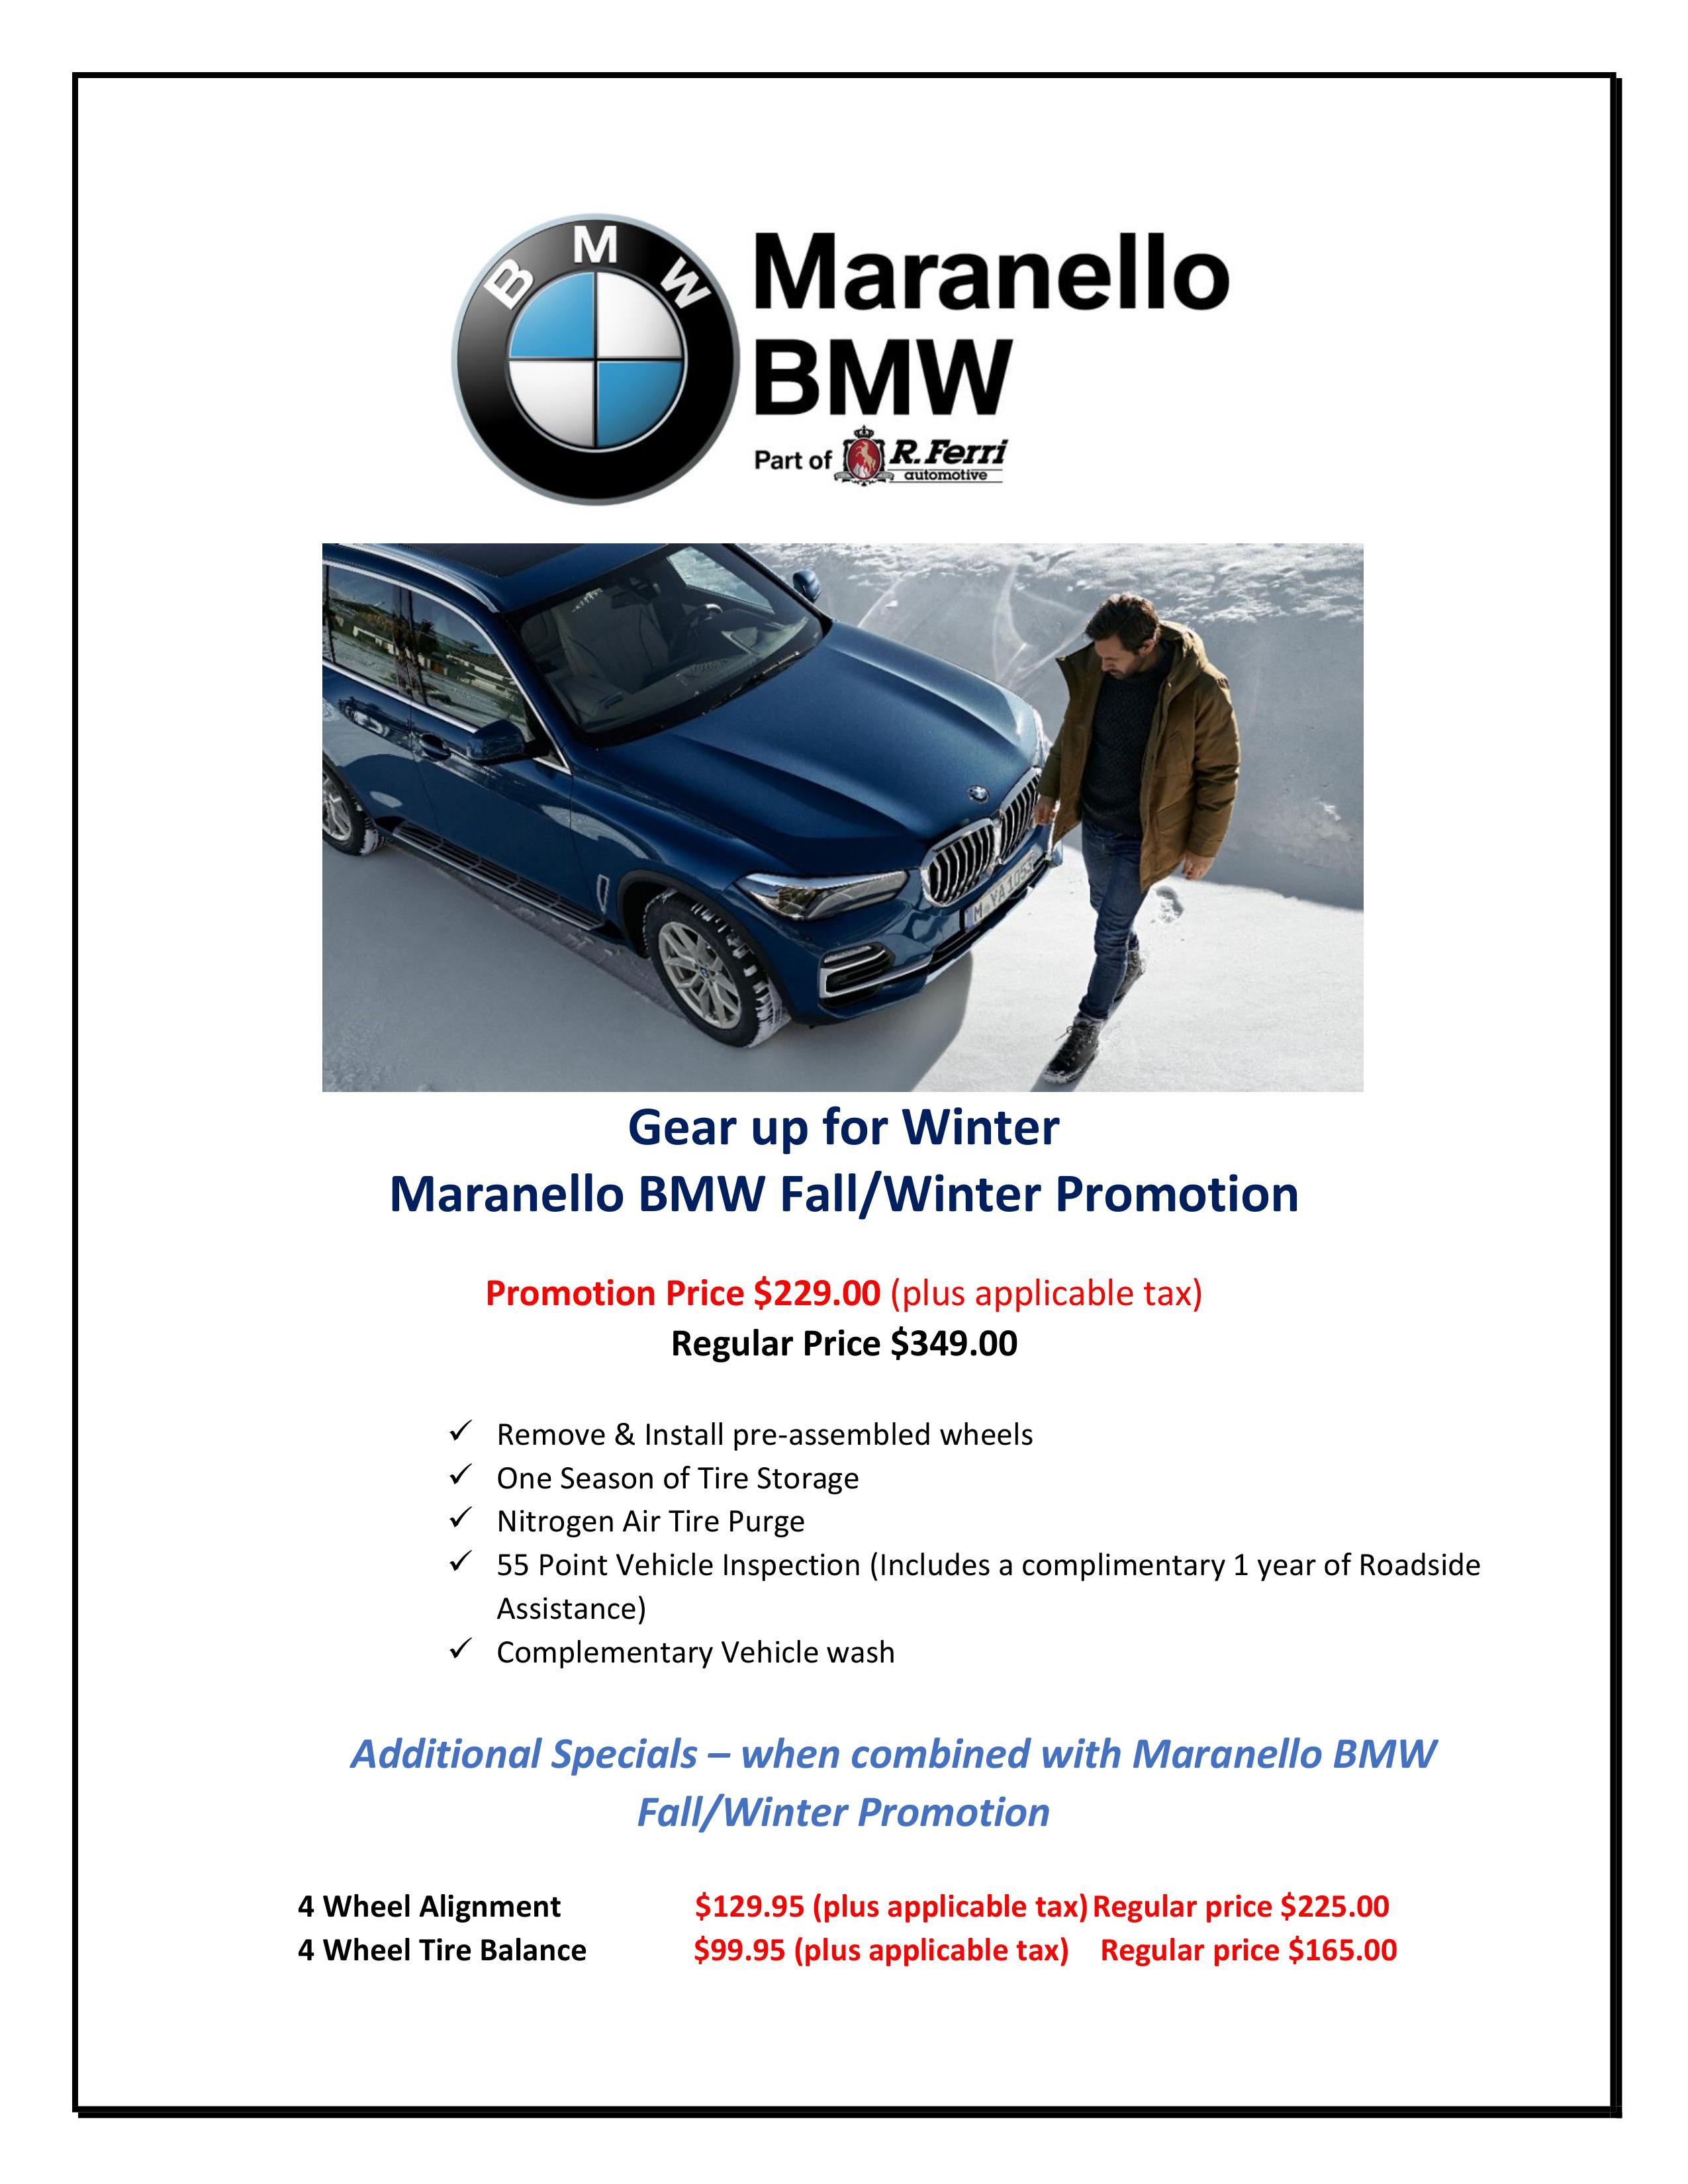 maranello bmw winter promo